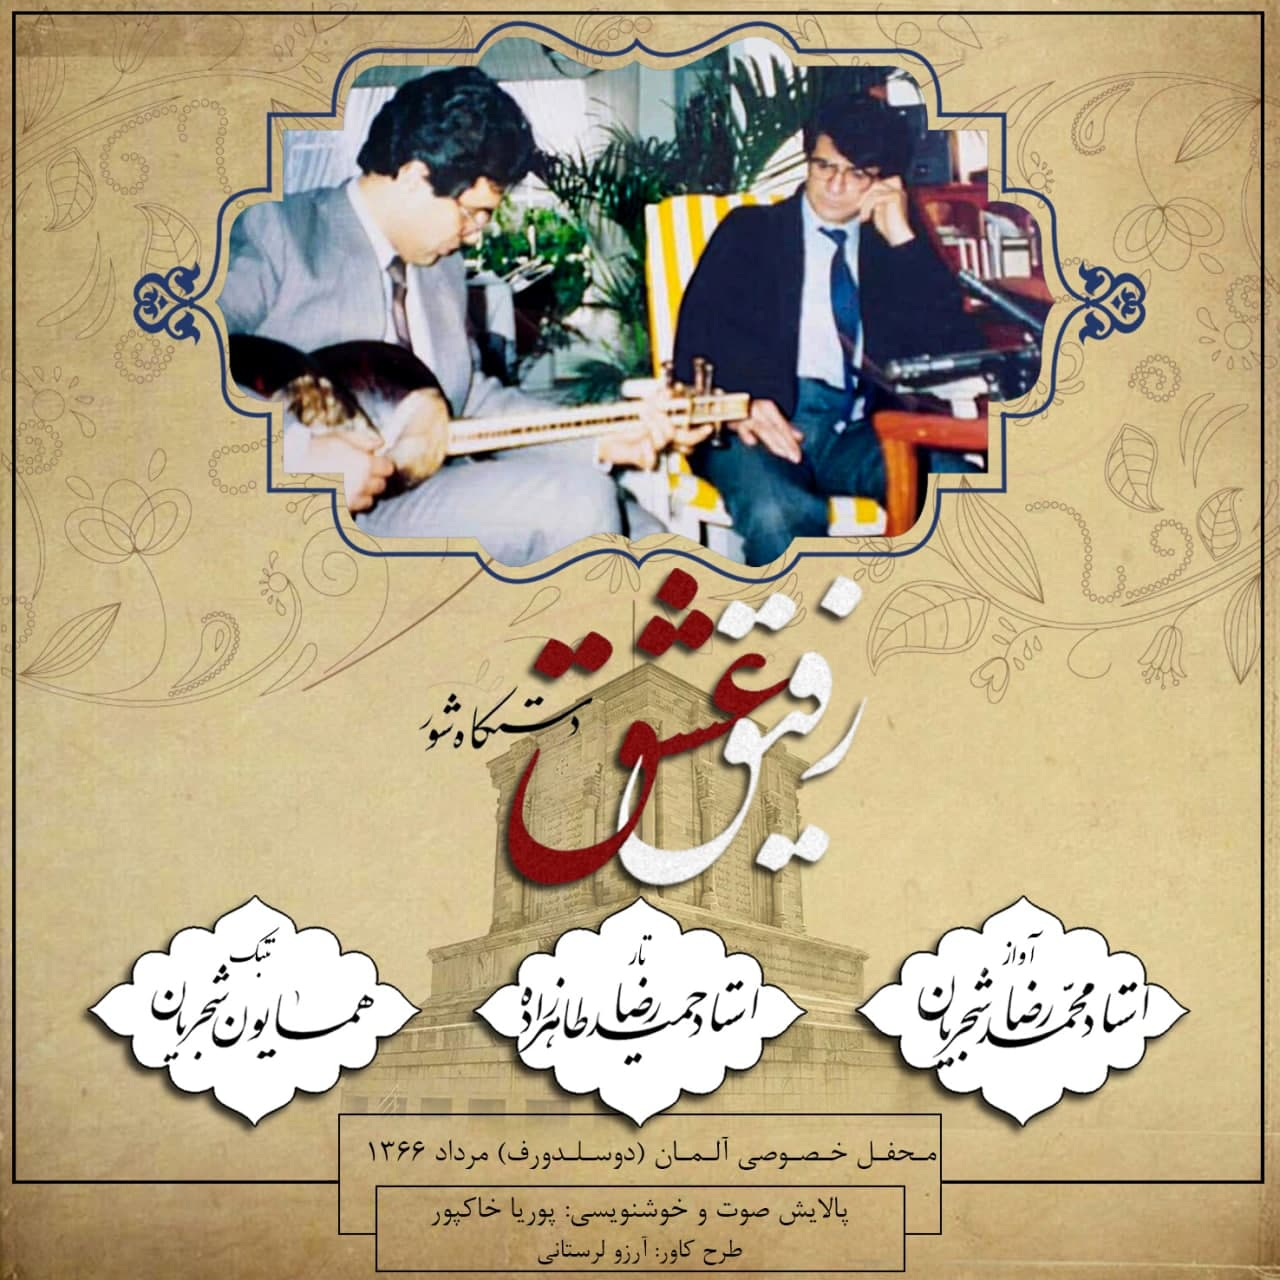 رفیق عشق - اجرای خصوصی محمدرضا شجریان، حمیدرضا طاهرزاده و همایون شجریان